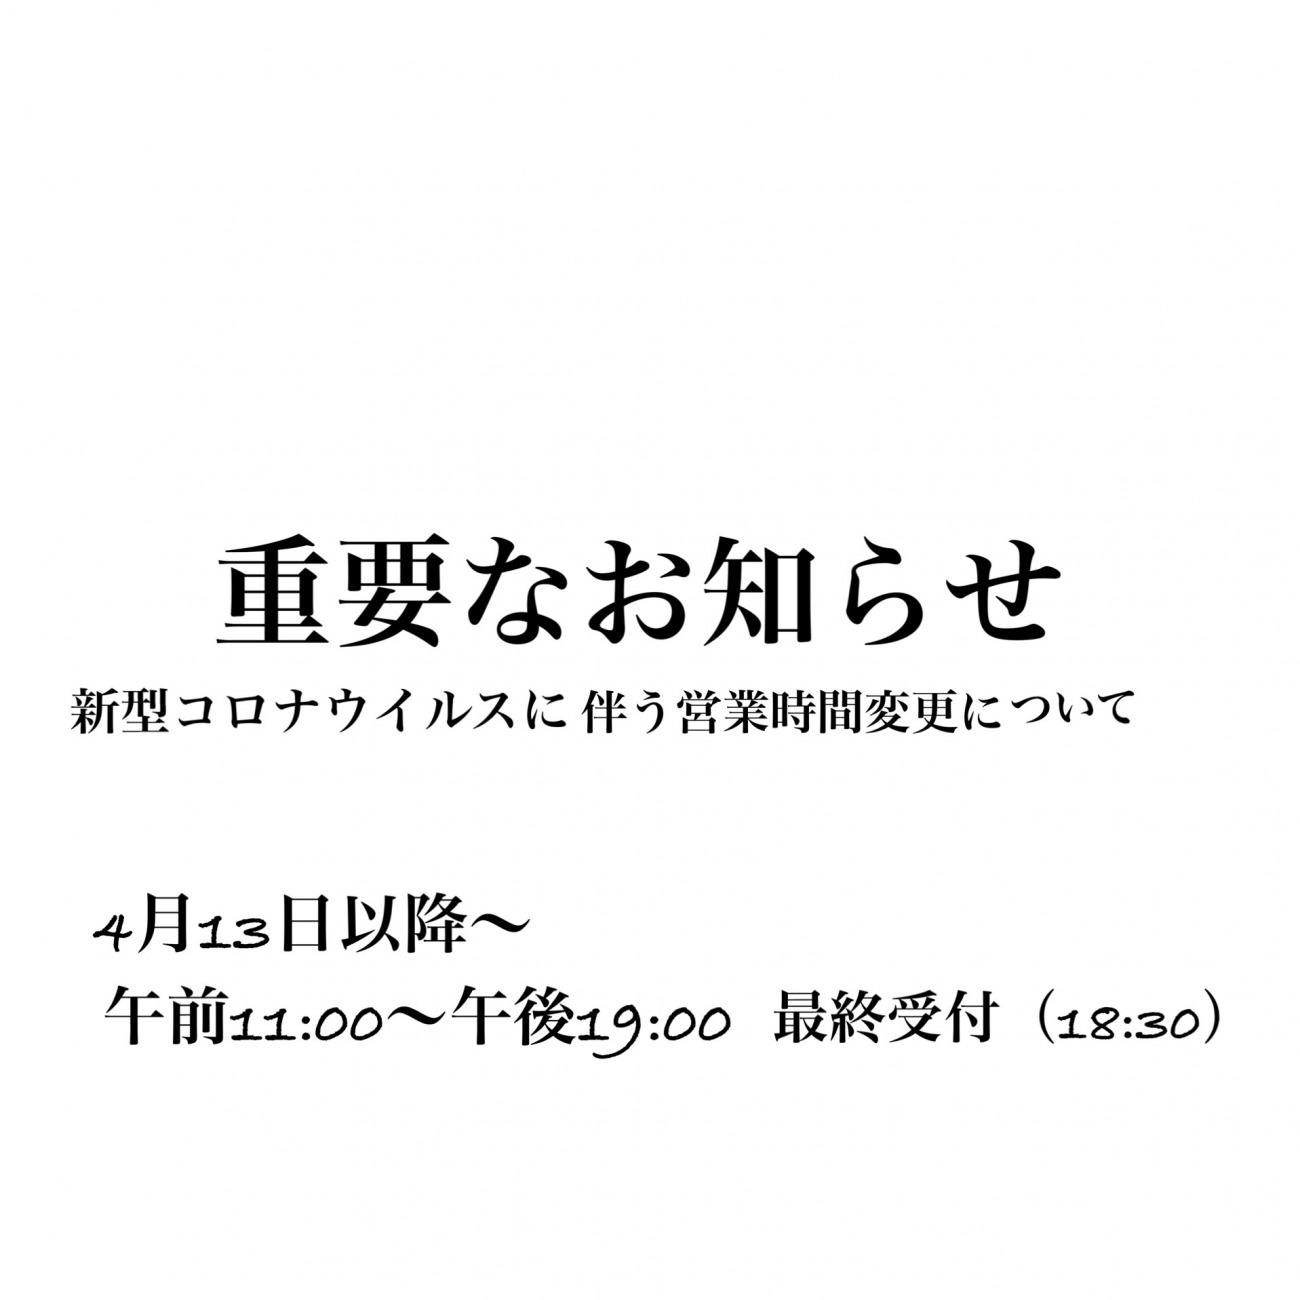 新潟の結婚指輪・婚約指輪 - 【重要】営業時間短縮のお知らせ